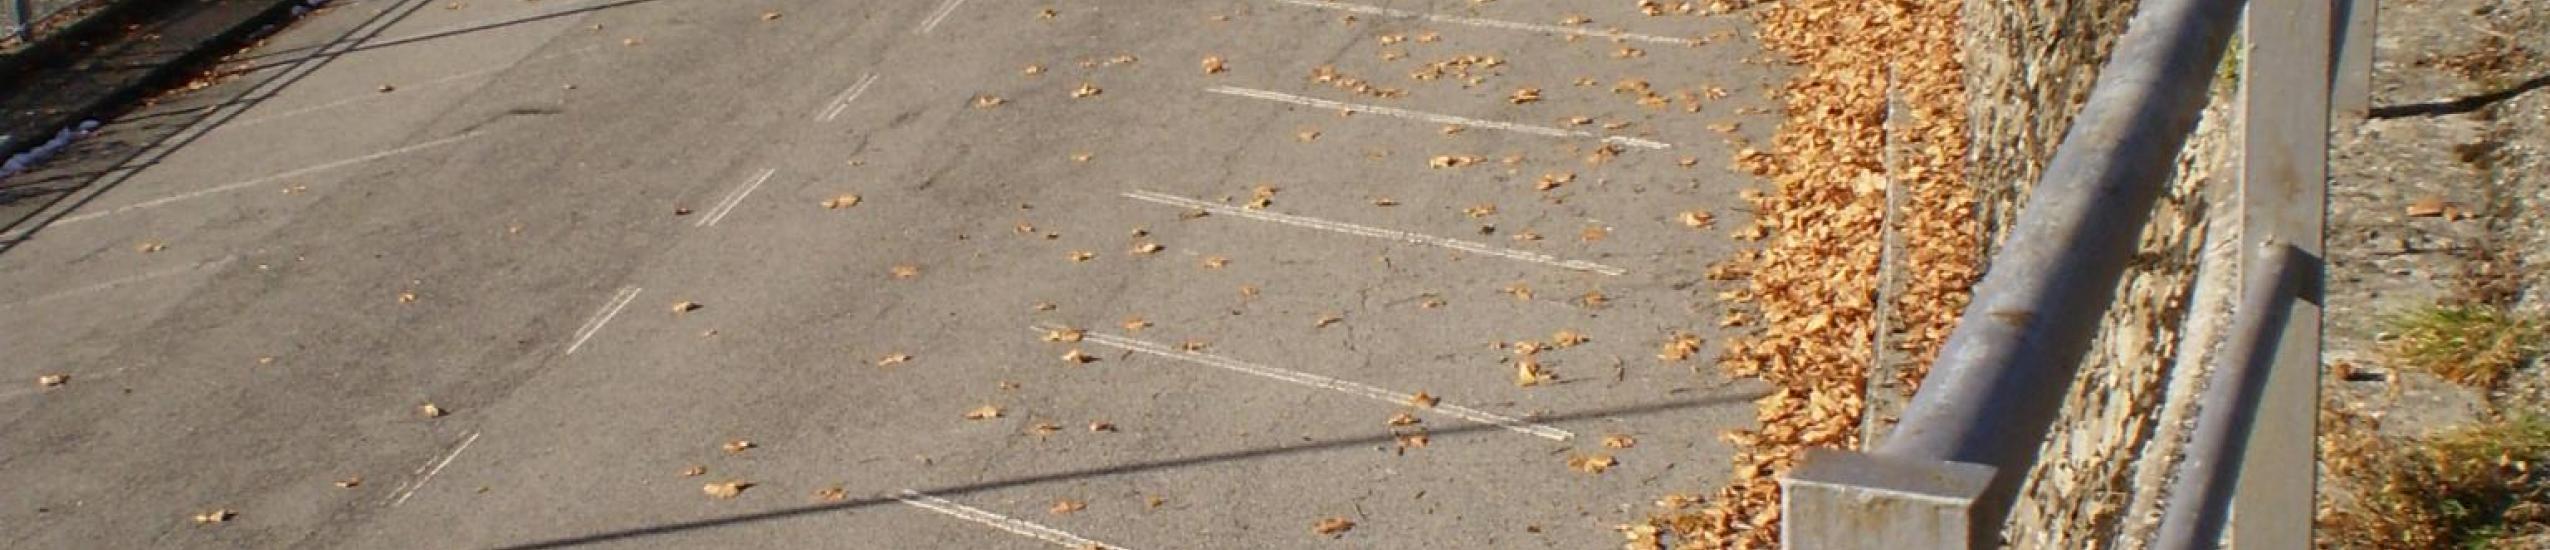 parcheggio pubblico